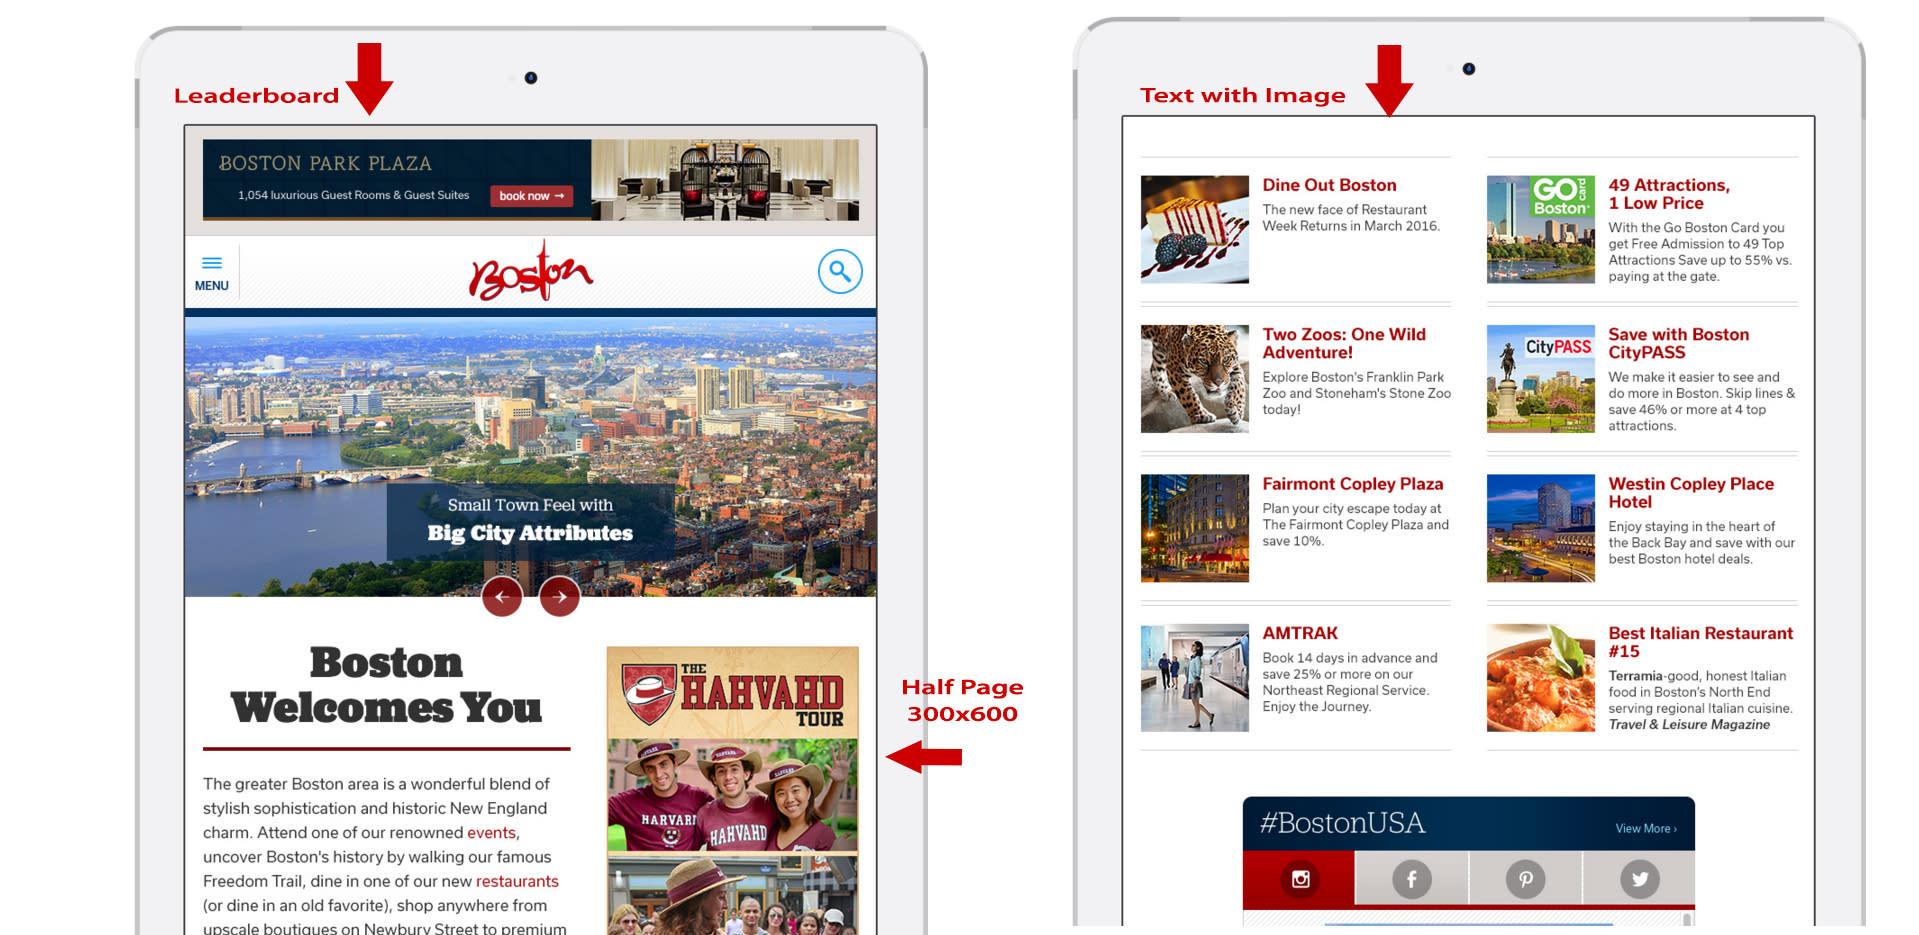 Responsive Website Tablet View